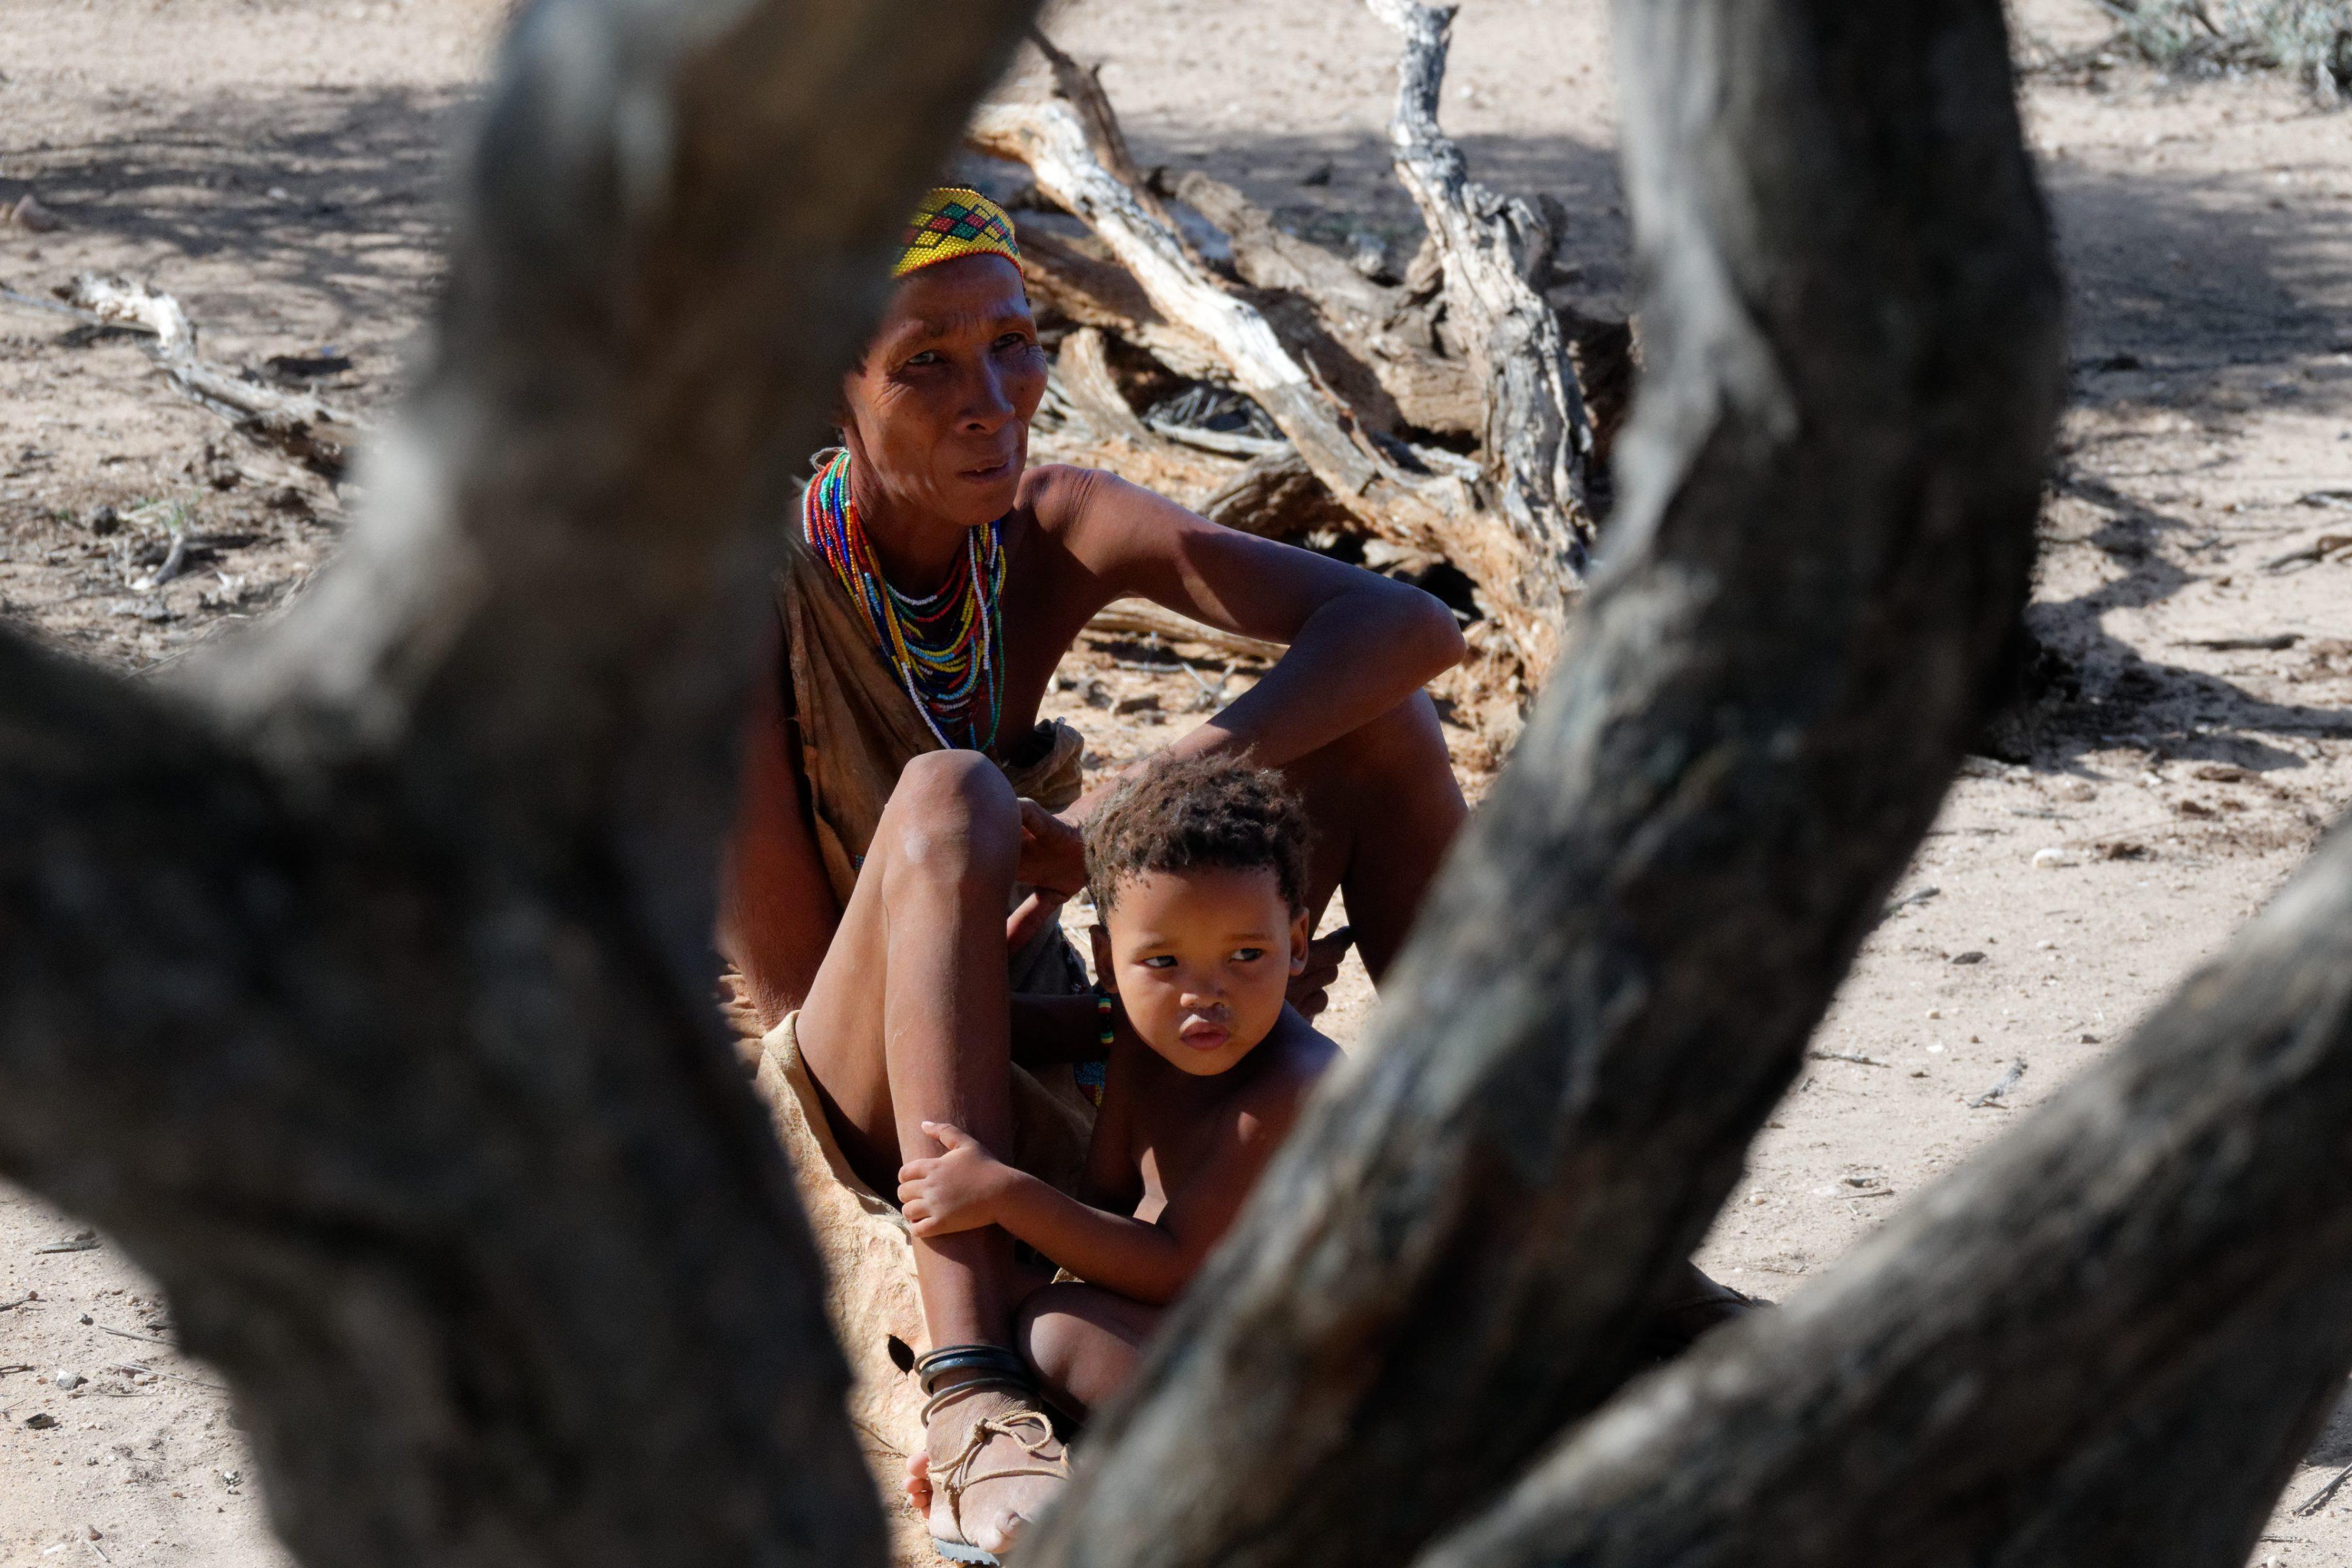 Namibie-2019-04-22, 15h37mn50s - S_2219_blog